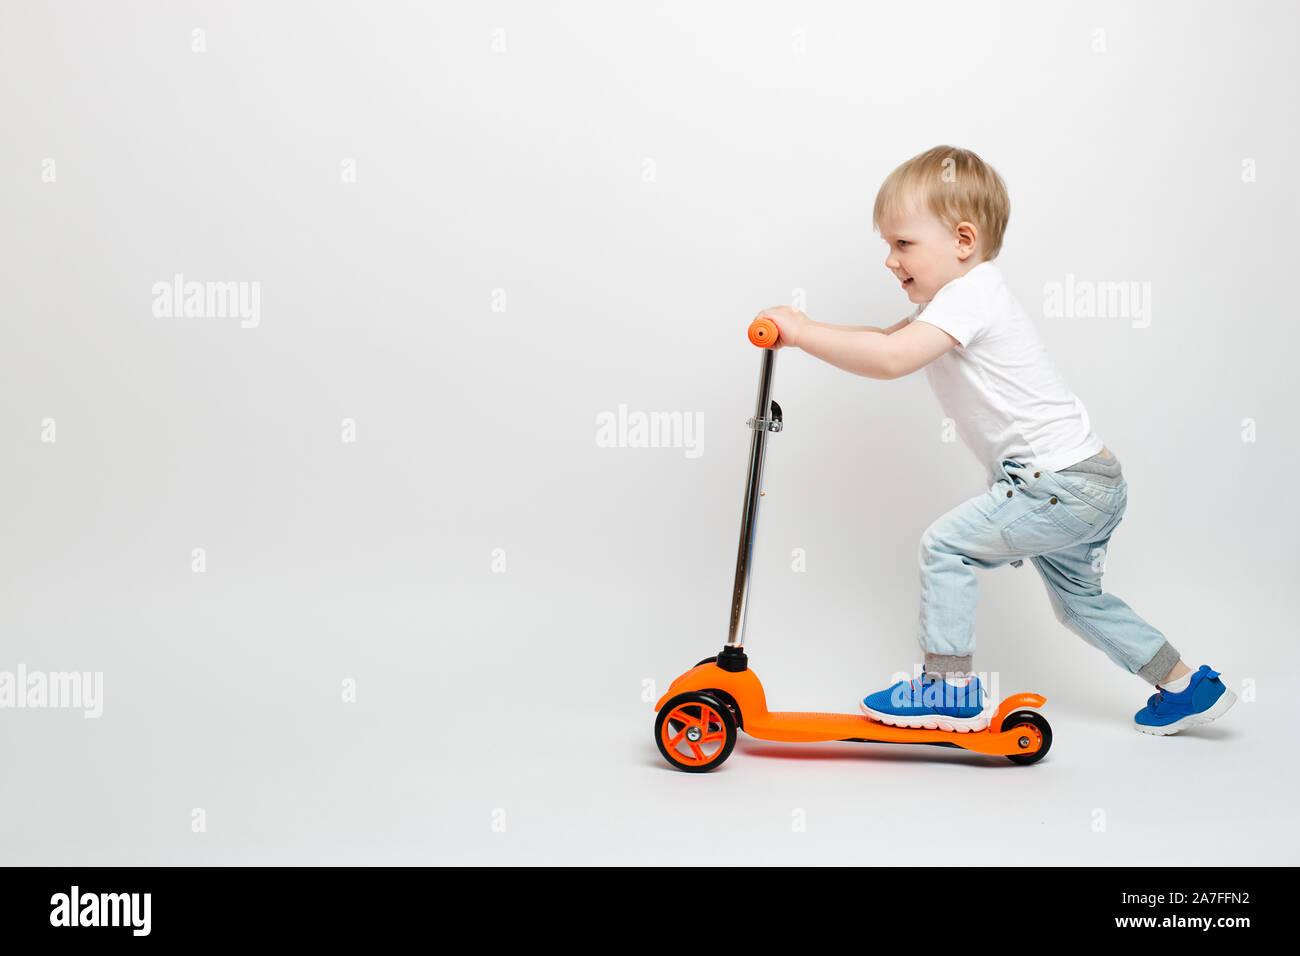 Heureux tout-petit enfant dans une orange en jeans scooter sur un fond blanc dans le studio. La publicité pour les jouets pour enfants avec l'espace pour le texte. Banque D'Images